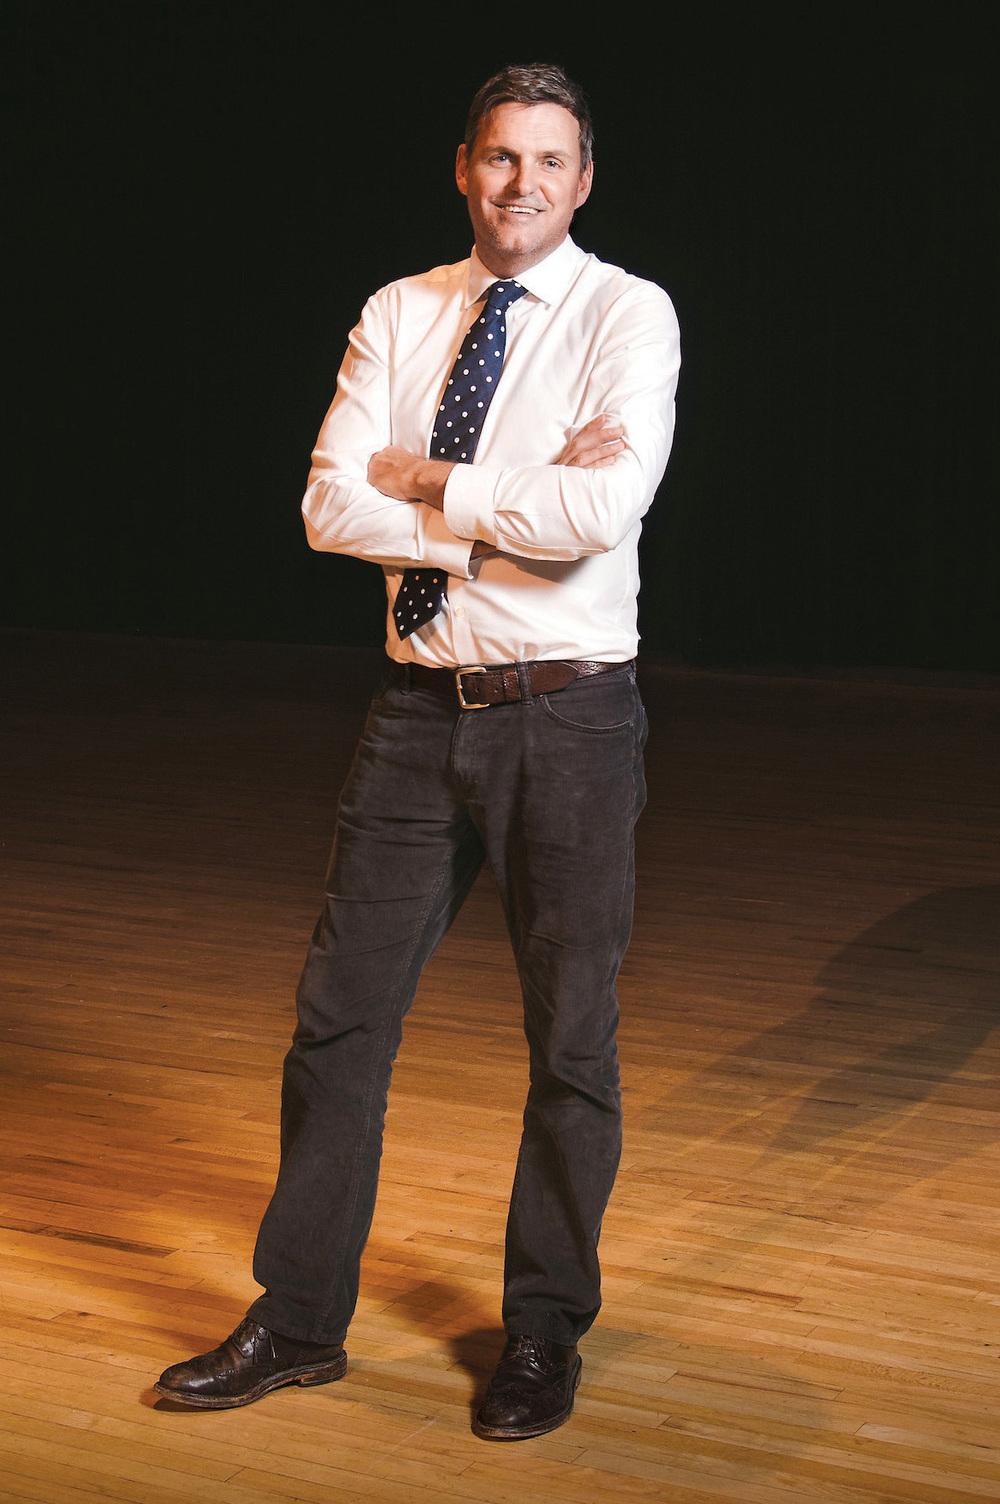 Peter van Heerden (Fairfield University)